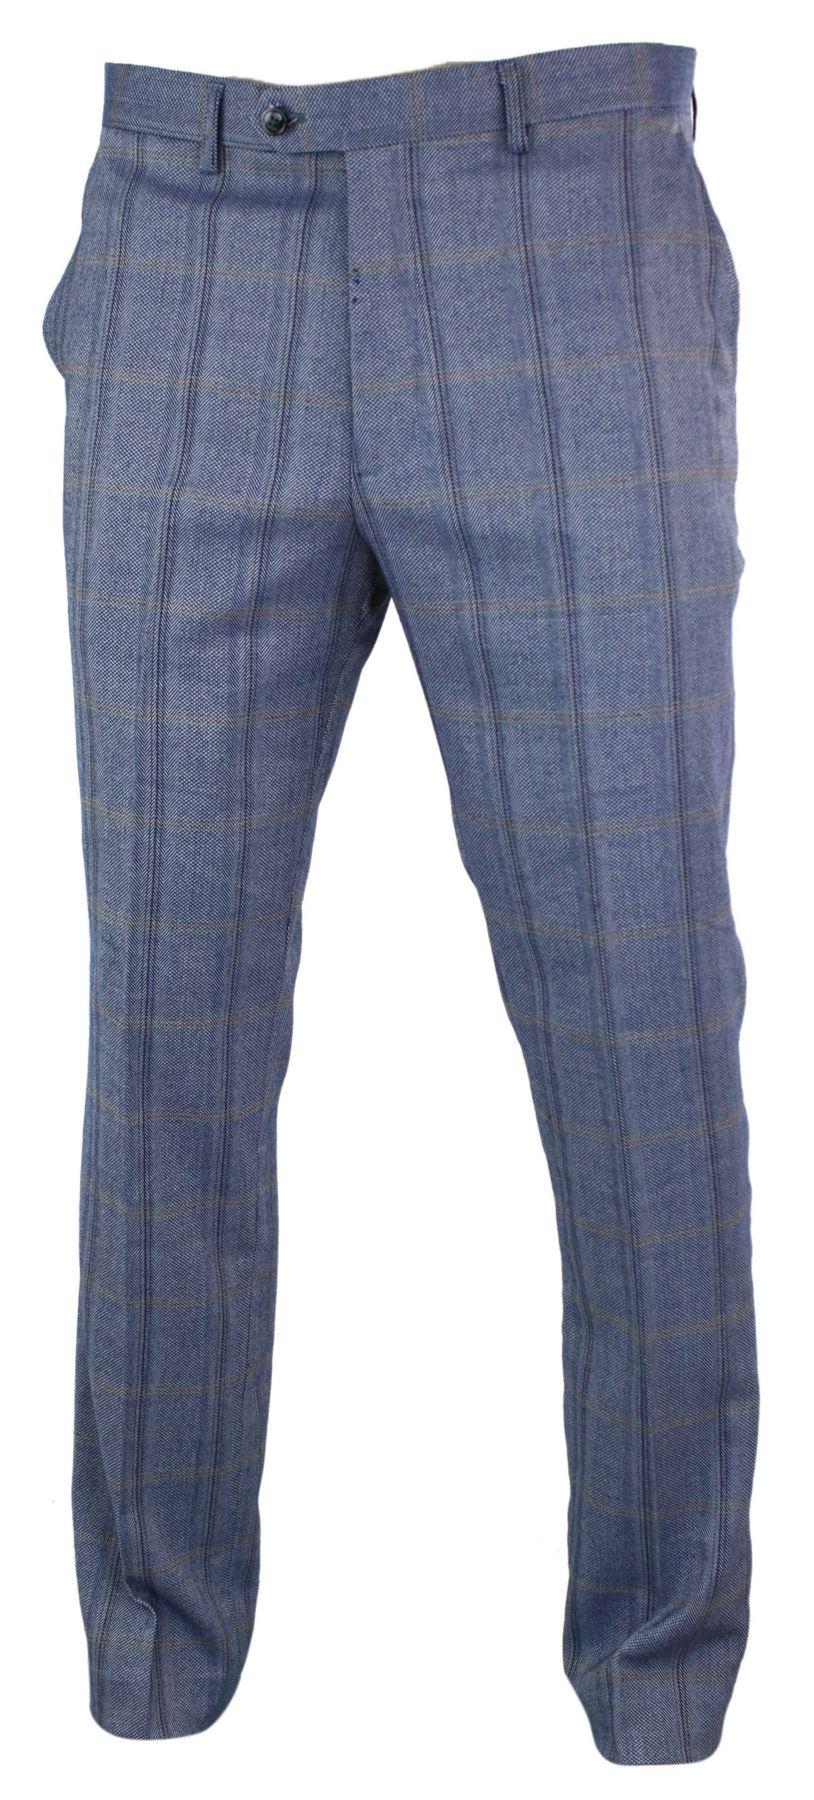 Mens-Herringbone-Tweed-Check-Peaky-Blinders-Trousers-Wool-Vintage-Classic-Retro thumbnail 4